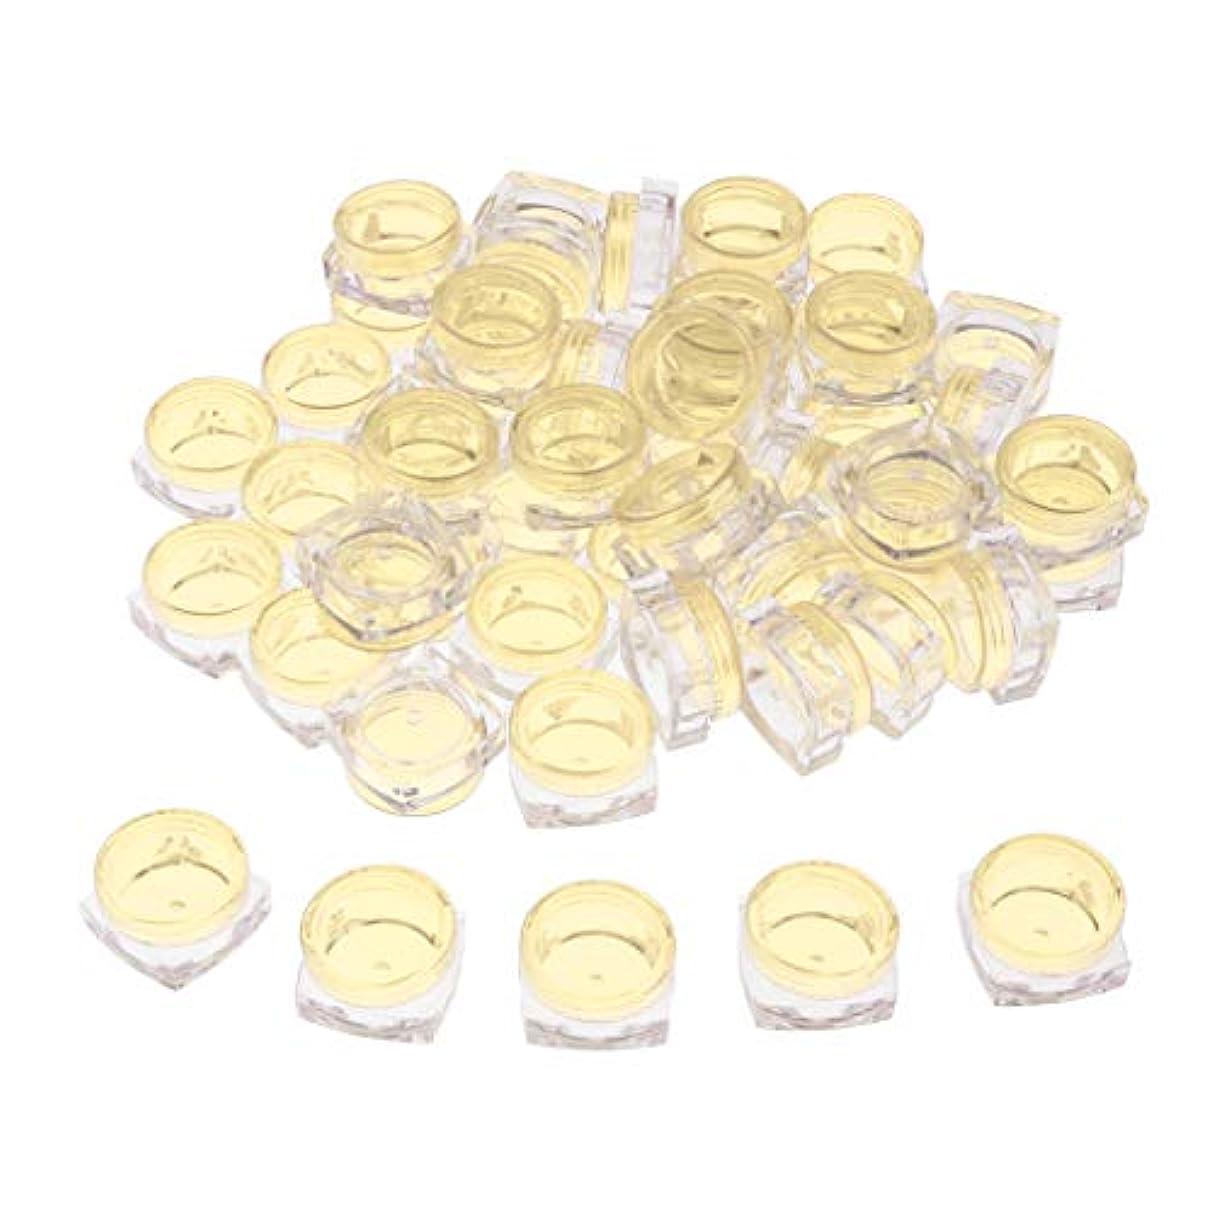 とてもパネル期限クリア 小分けケース 化粧品収納容器 詰め替え容器 クリームケース 5g 50個セット - 黄